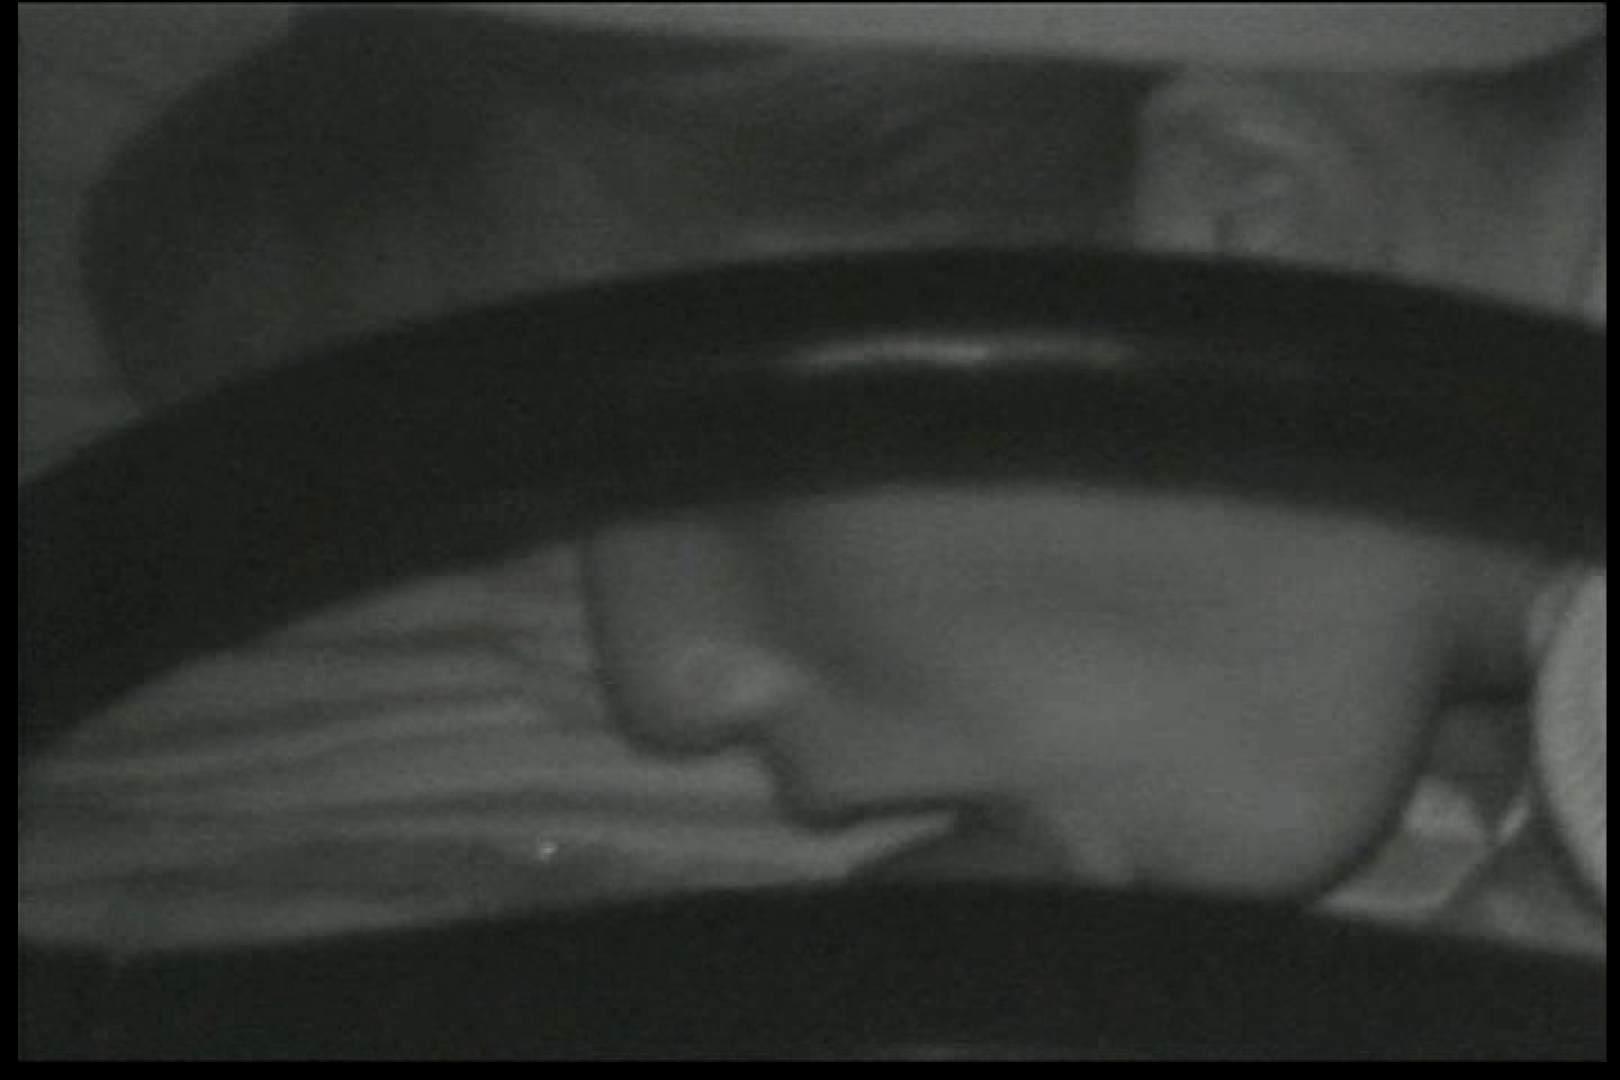 車の中はラブホテル 無修正版  Vol.12 カップル盗撮 おめこ無修正画像 93画像 77